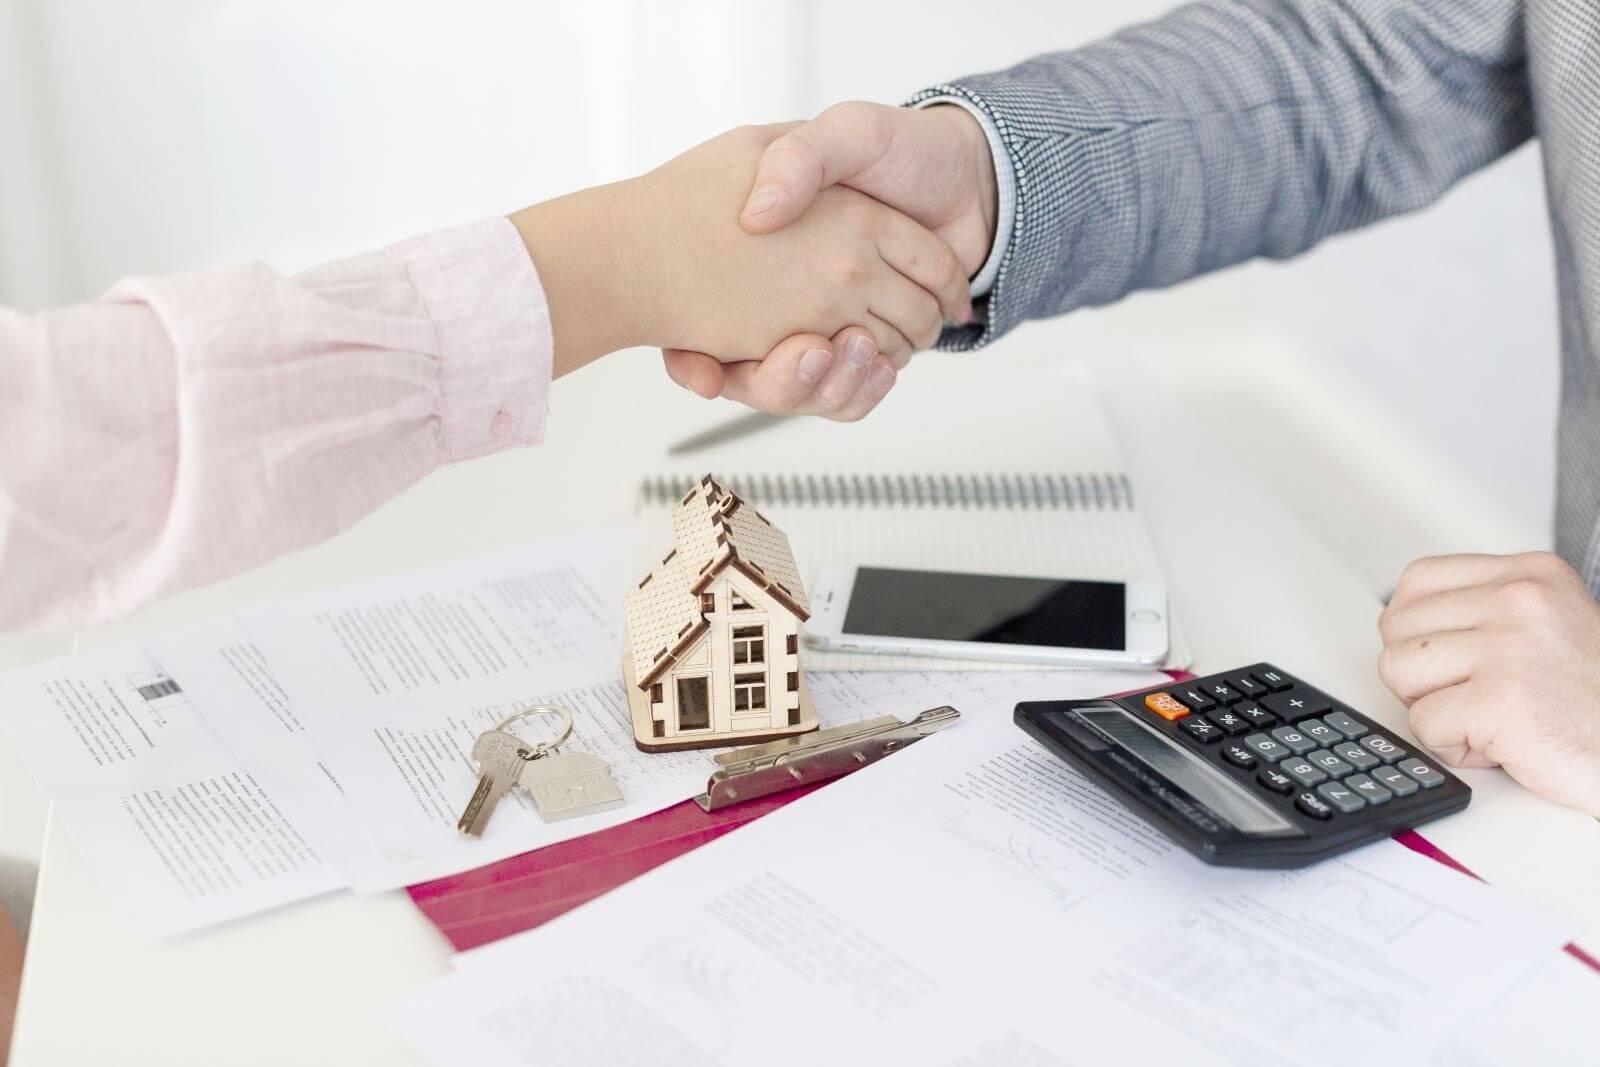 Biên bản để bàn giao tài sản là loại biểu mẫu được sử dụng phổ biến